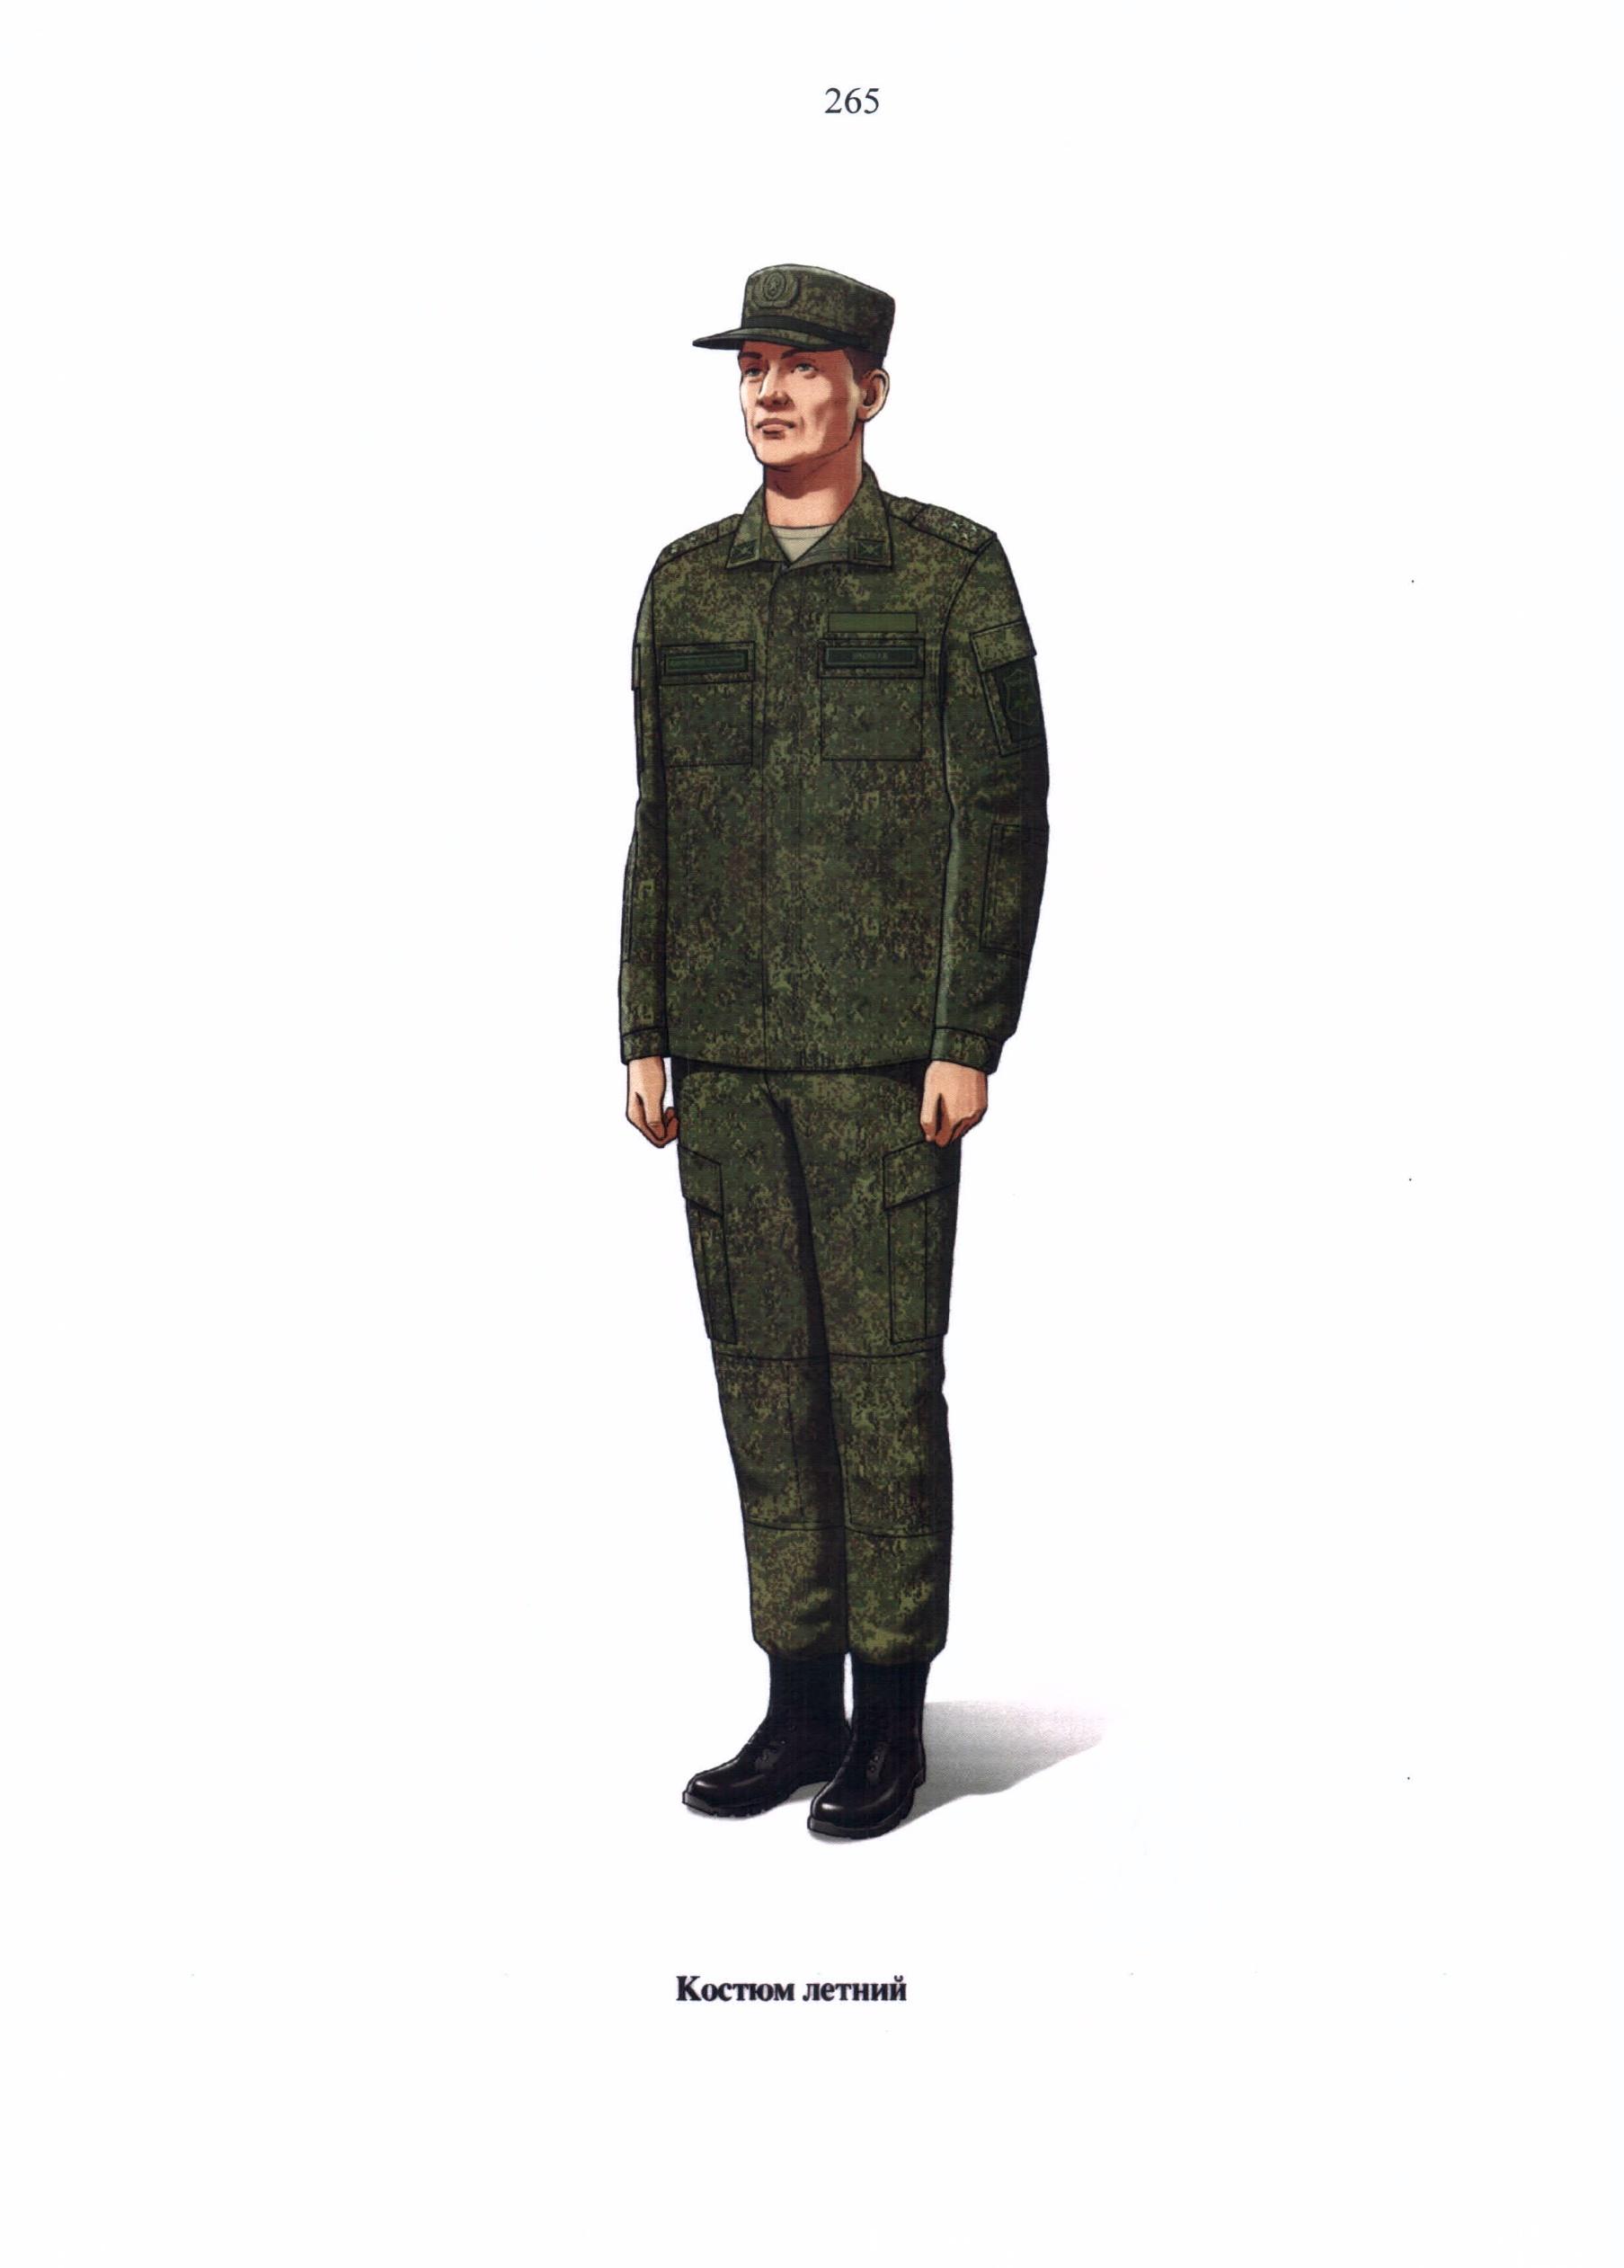 C:\Users\User\Desktop\Приказ МО РФ от 22.06.2015 г. № 300 Правила ношения военной формы одежды\184041.JPG